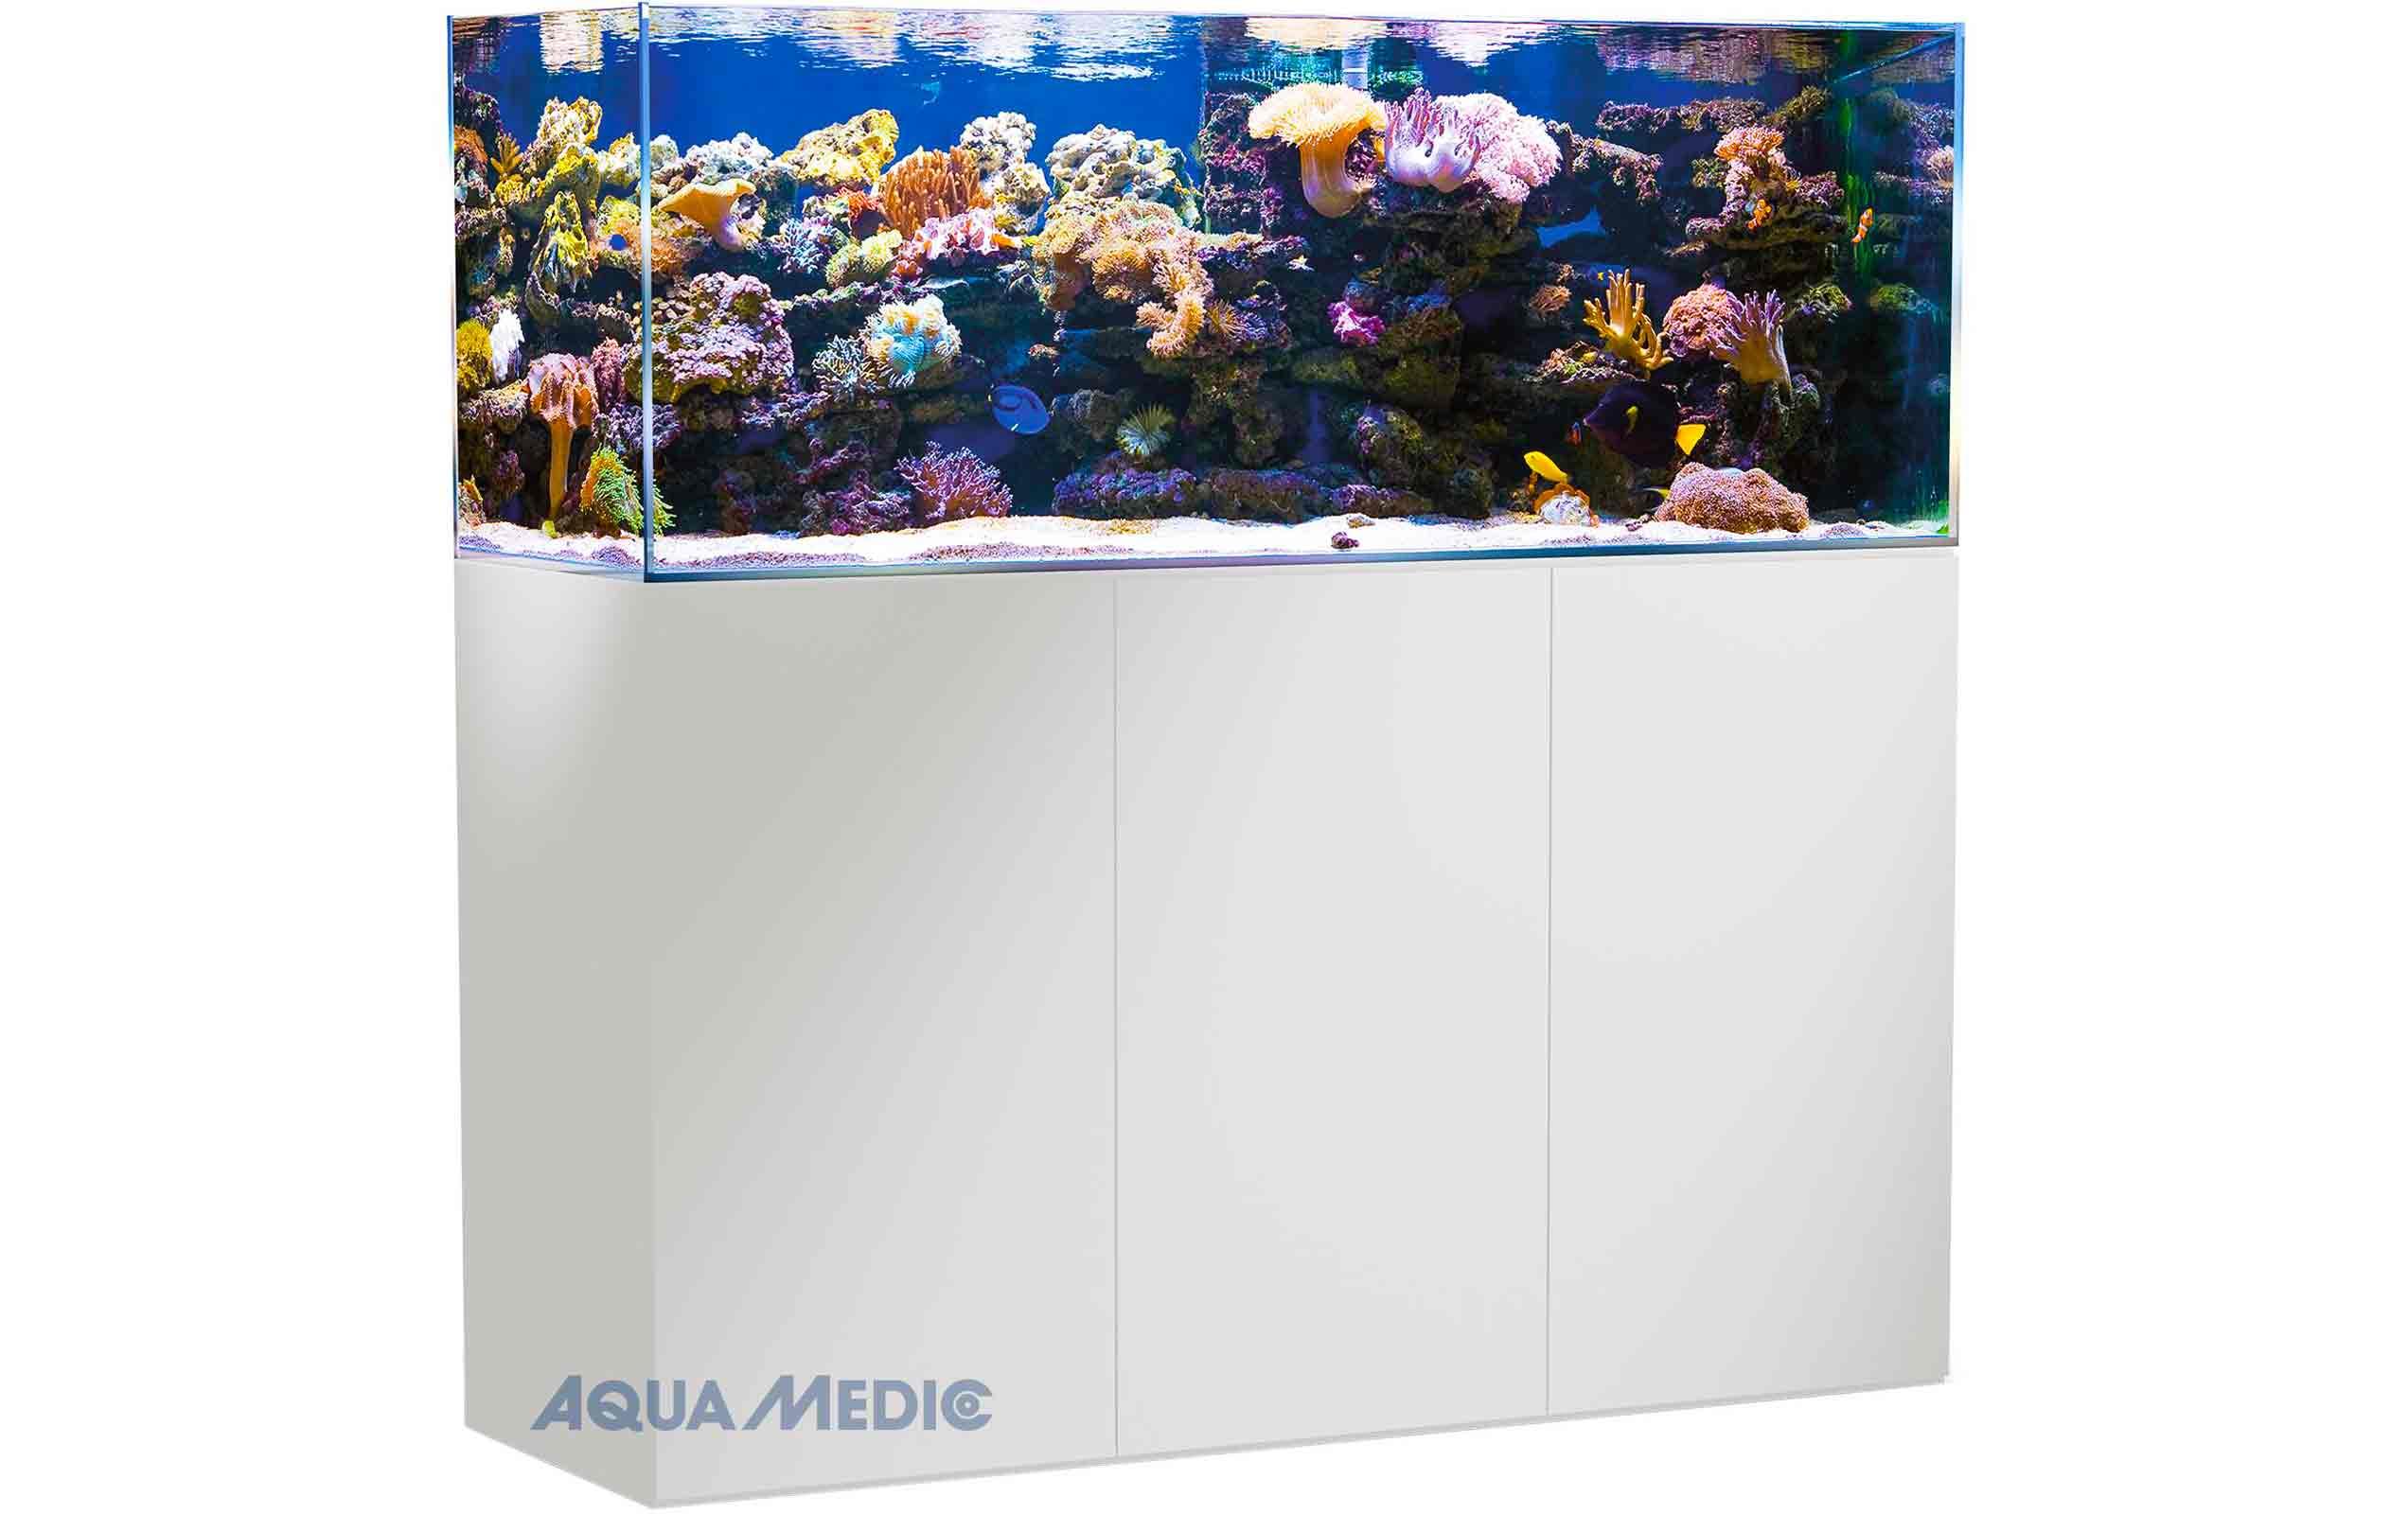 aqua medic armatus meerwasser komplettaquarium in aquarien. Black Bedroom Furniture Sets. Home Design Ideas